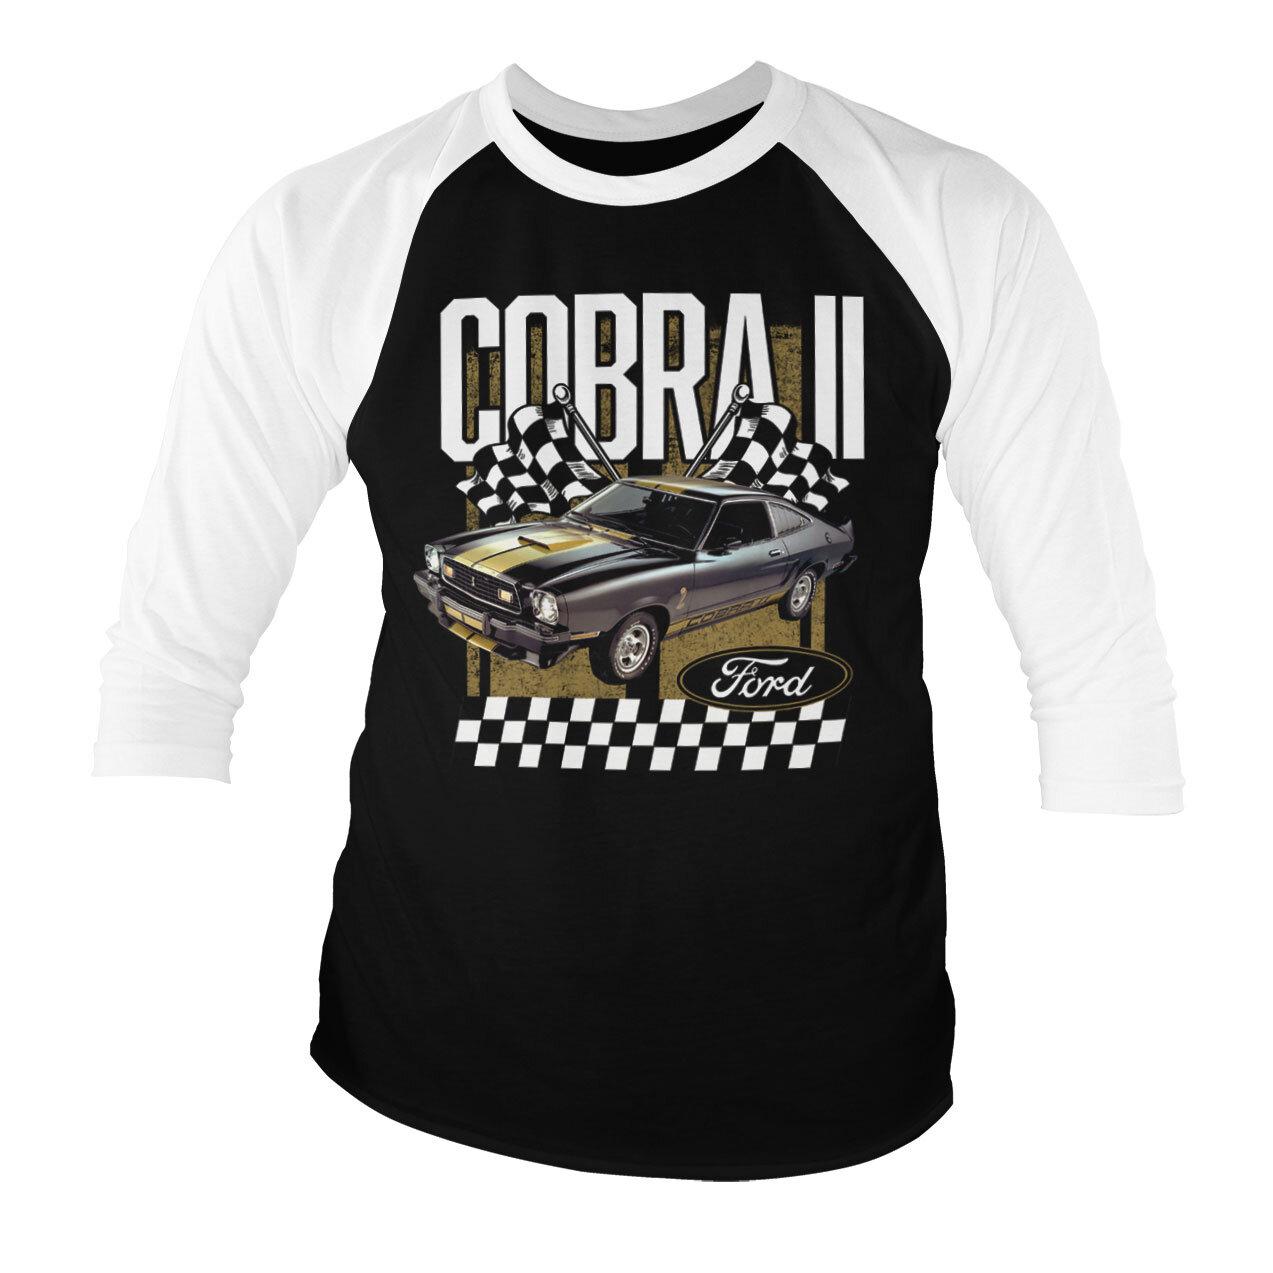 Ford Cobra II Baseball 3/4 Sleeve Tee